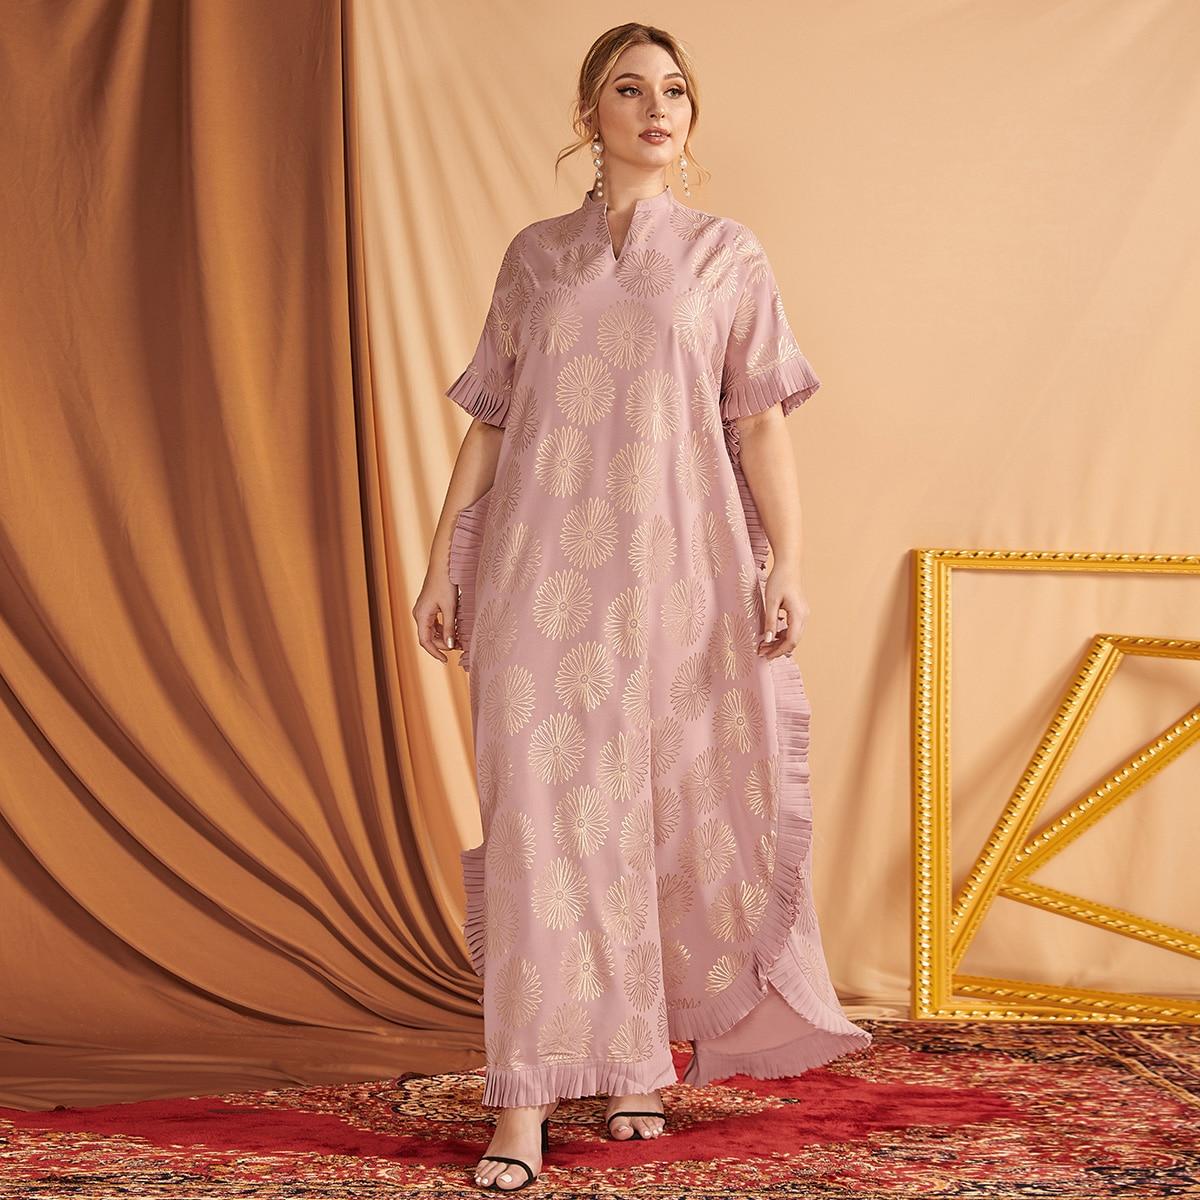 Жаккардовое платье макси размера плюс с оборками